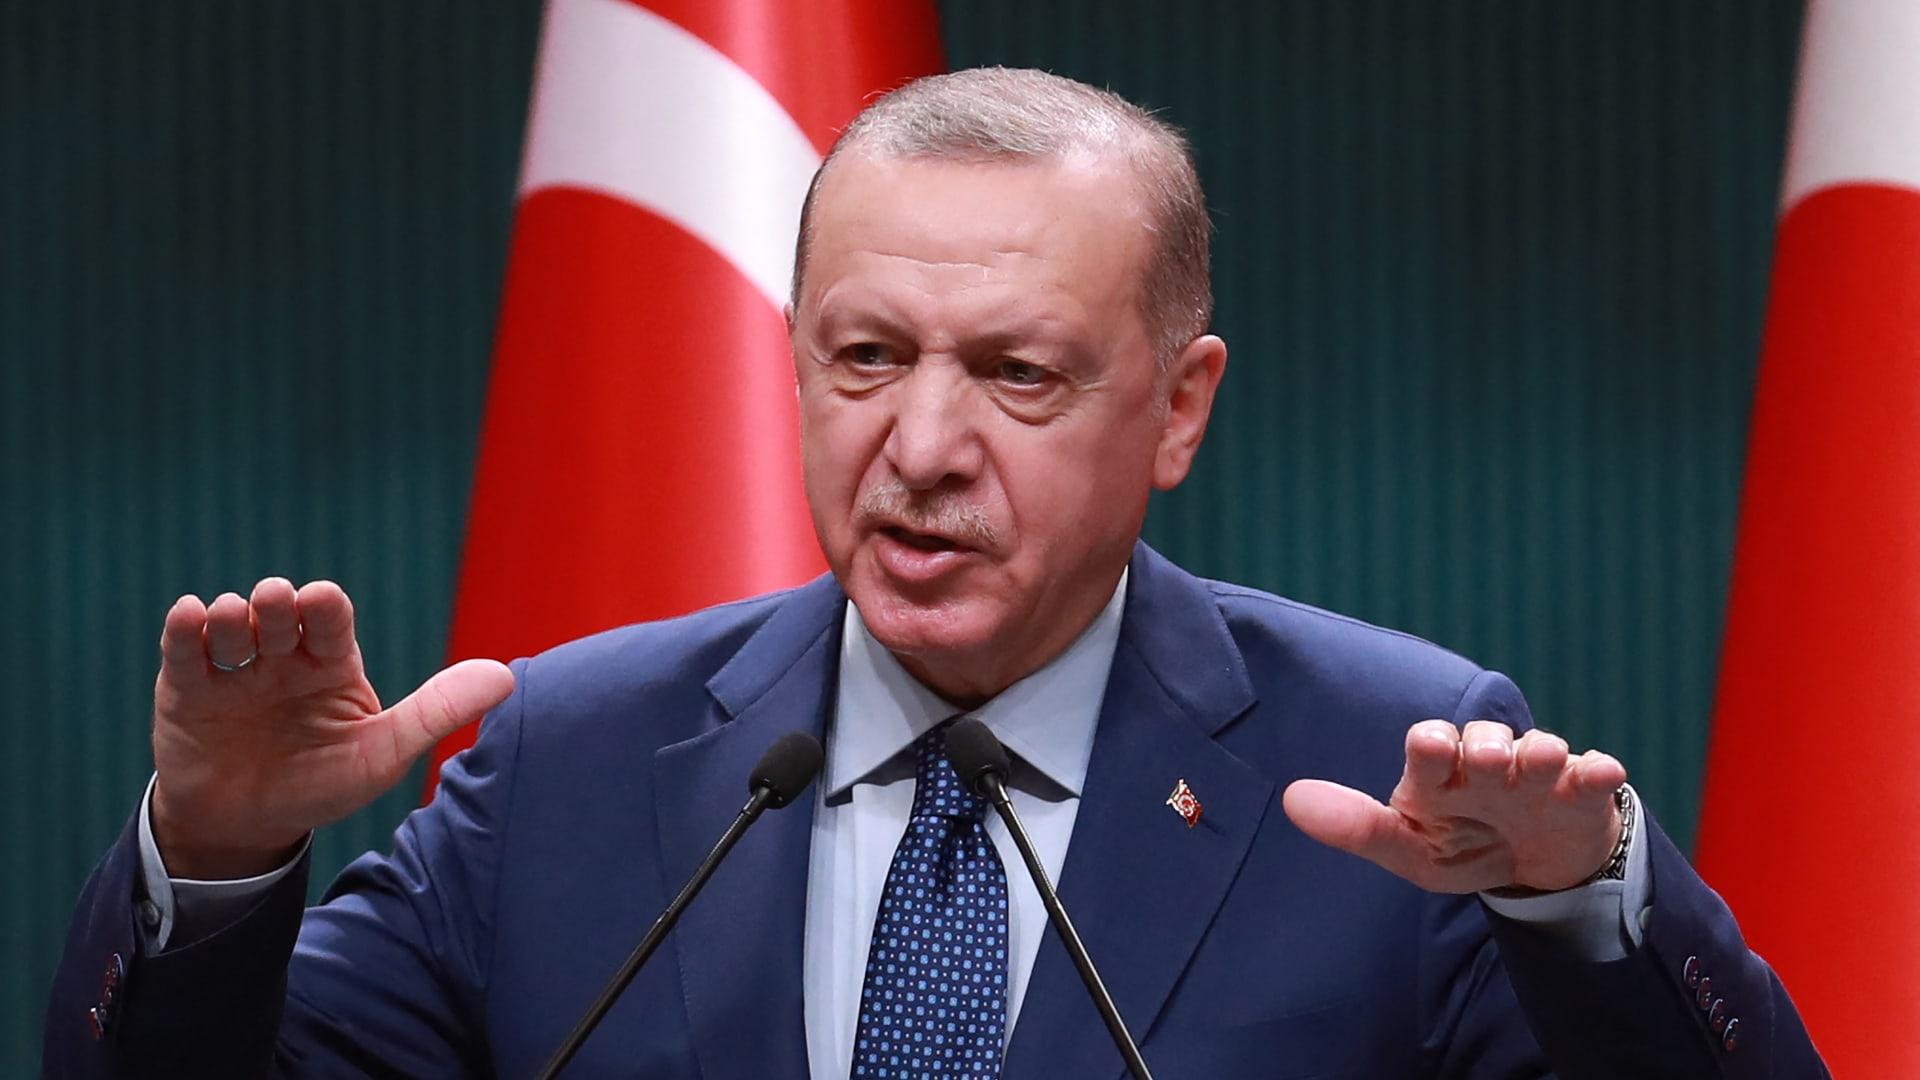 أردوغان يعلق على المشادة الكلامية بين وزيري خارجية تركيا واليونان ويؤكد: أثينا تُعين المفتي